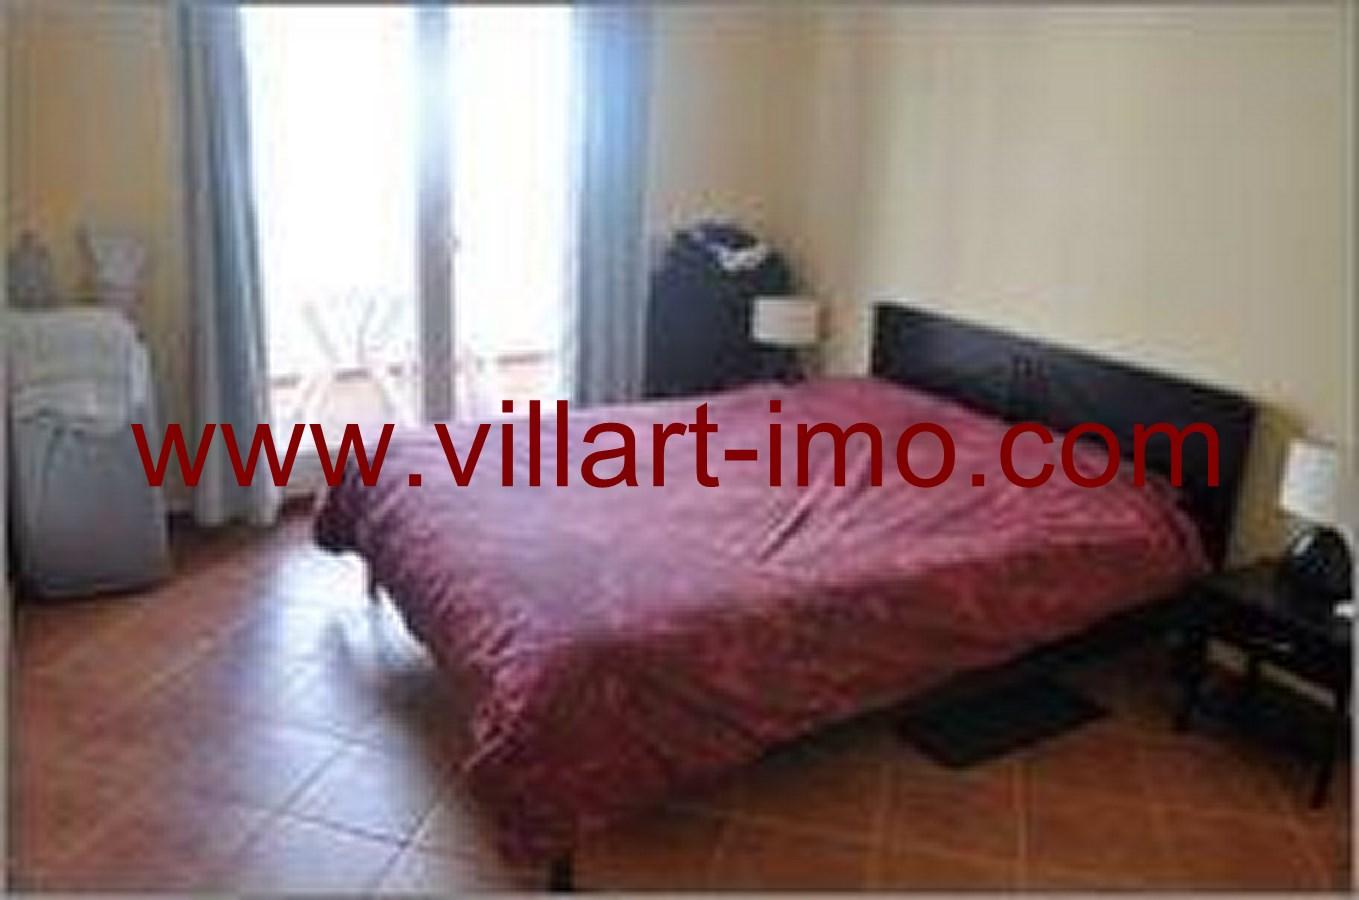 2- Vente -Appartement-Tanger-Maroc–Malabata-Chambre 1-VA50-Villartimmo